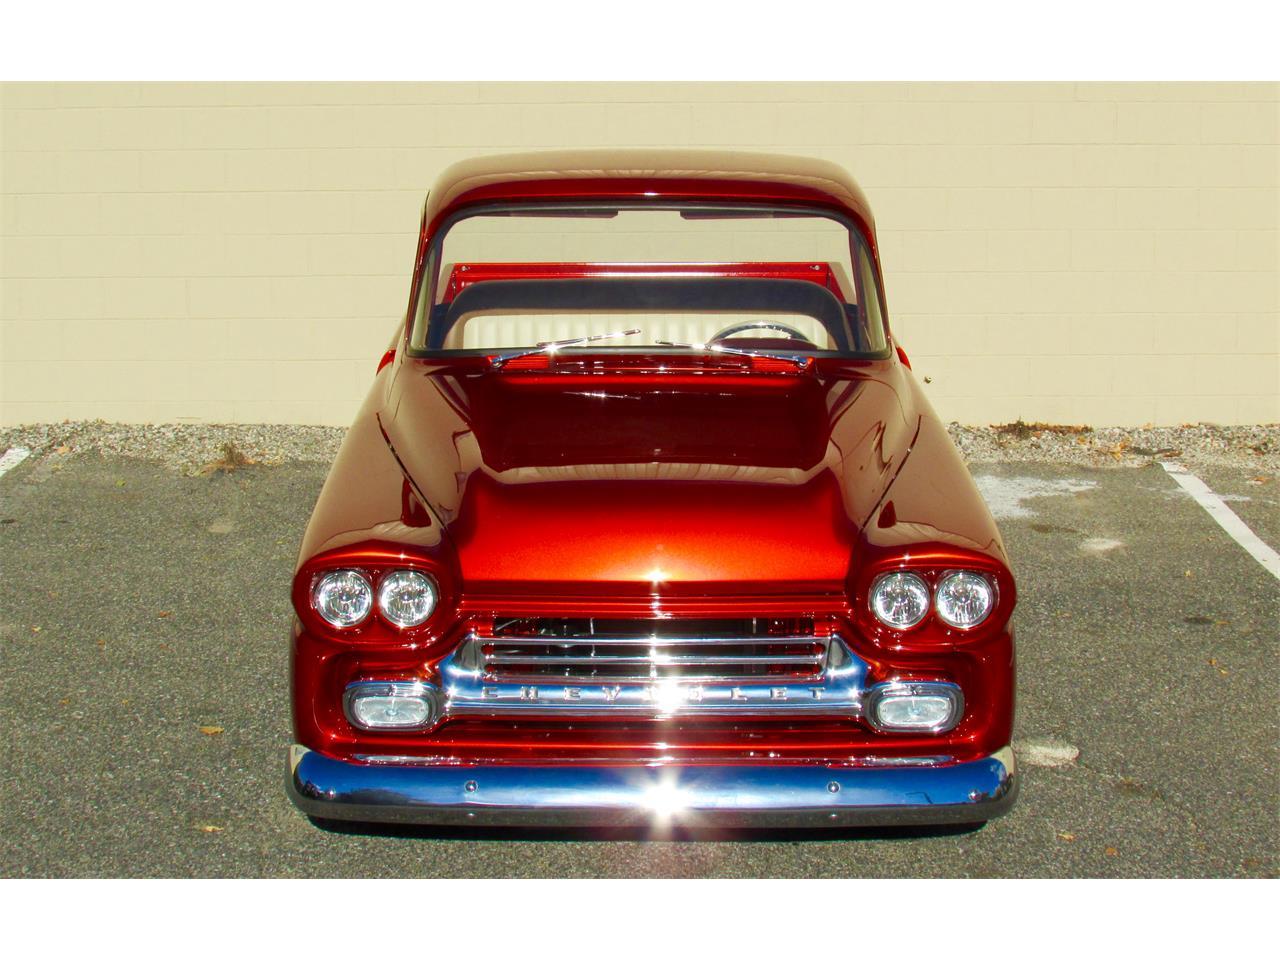 1959 Chevrolet Fleetside Custom Pickup Truck  (CC-919939) for sale in Stow, Massachusetts